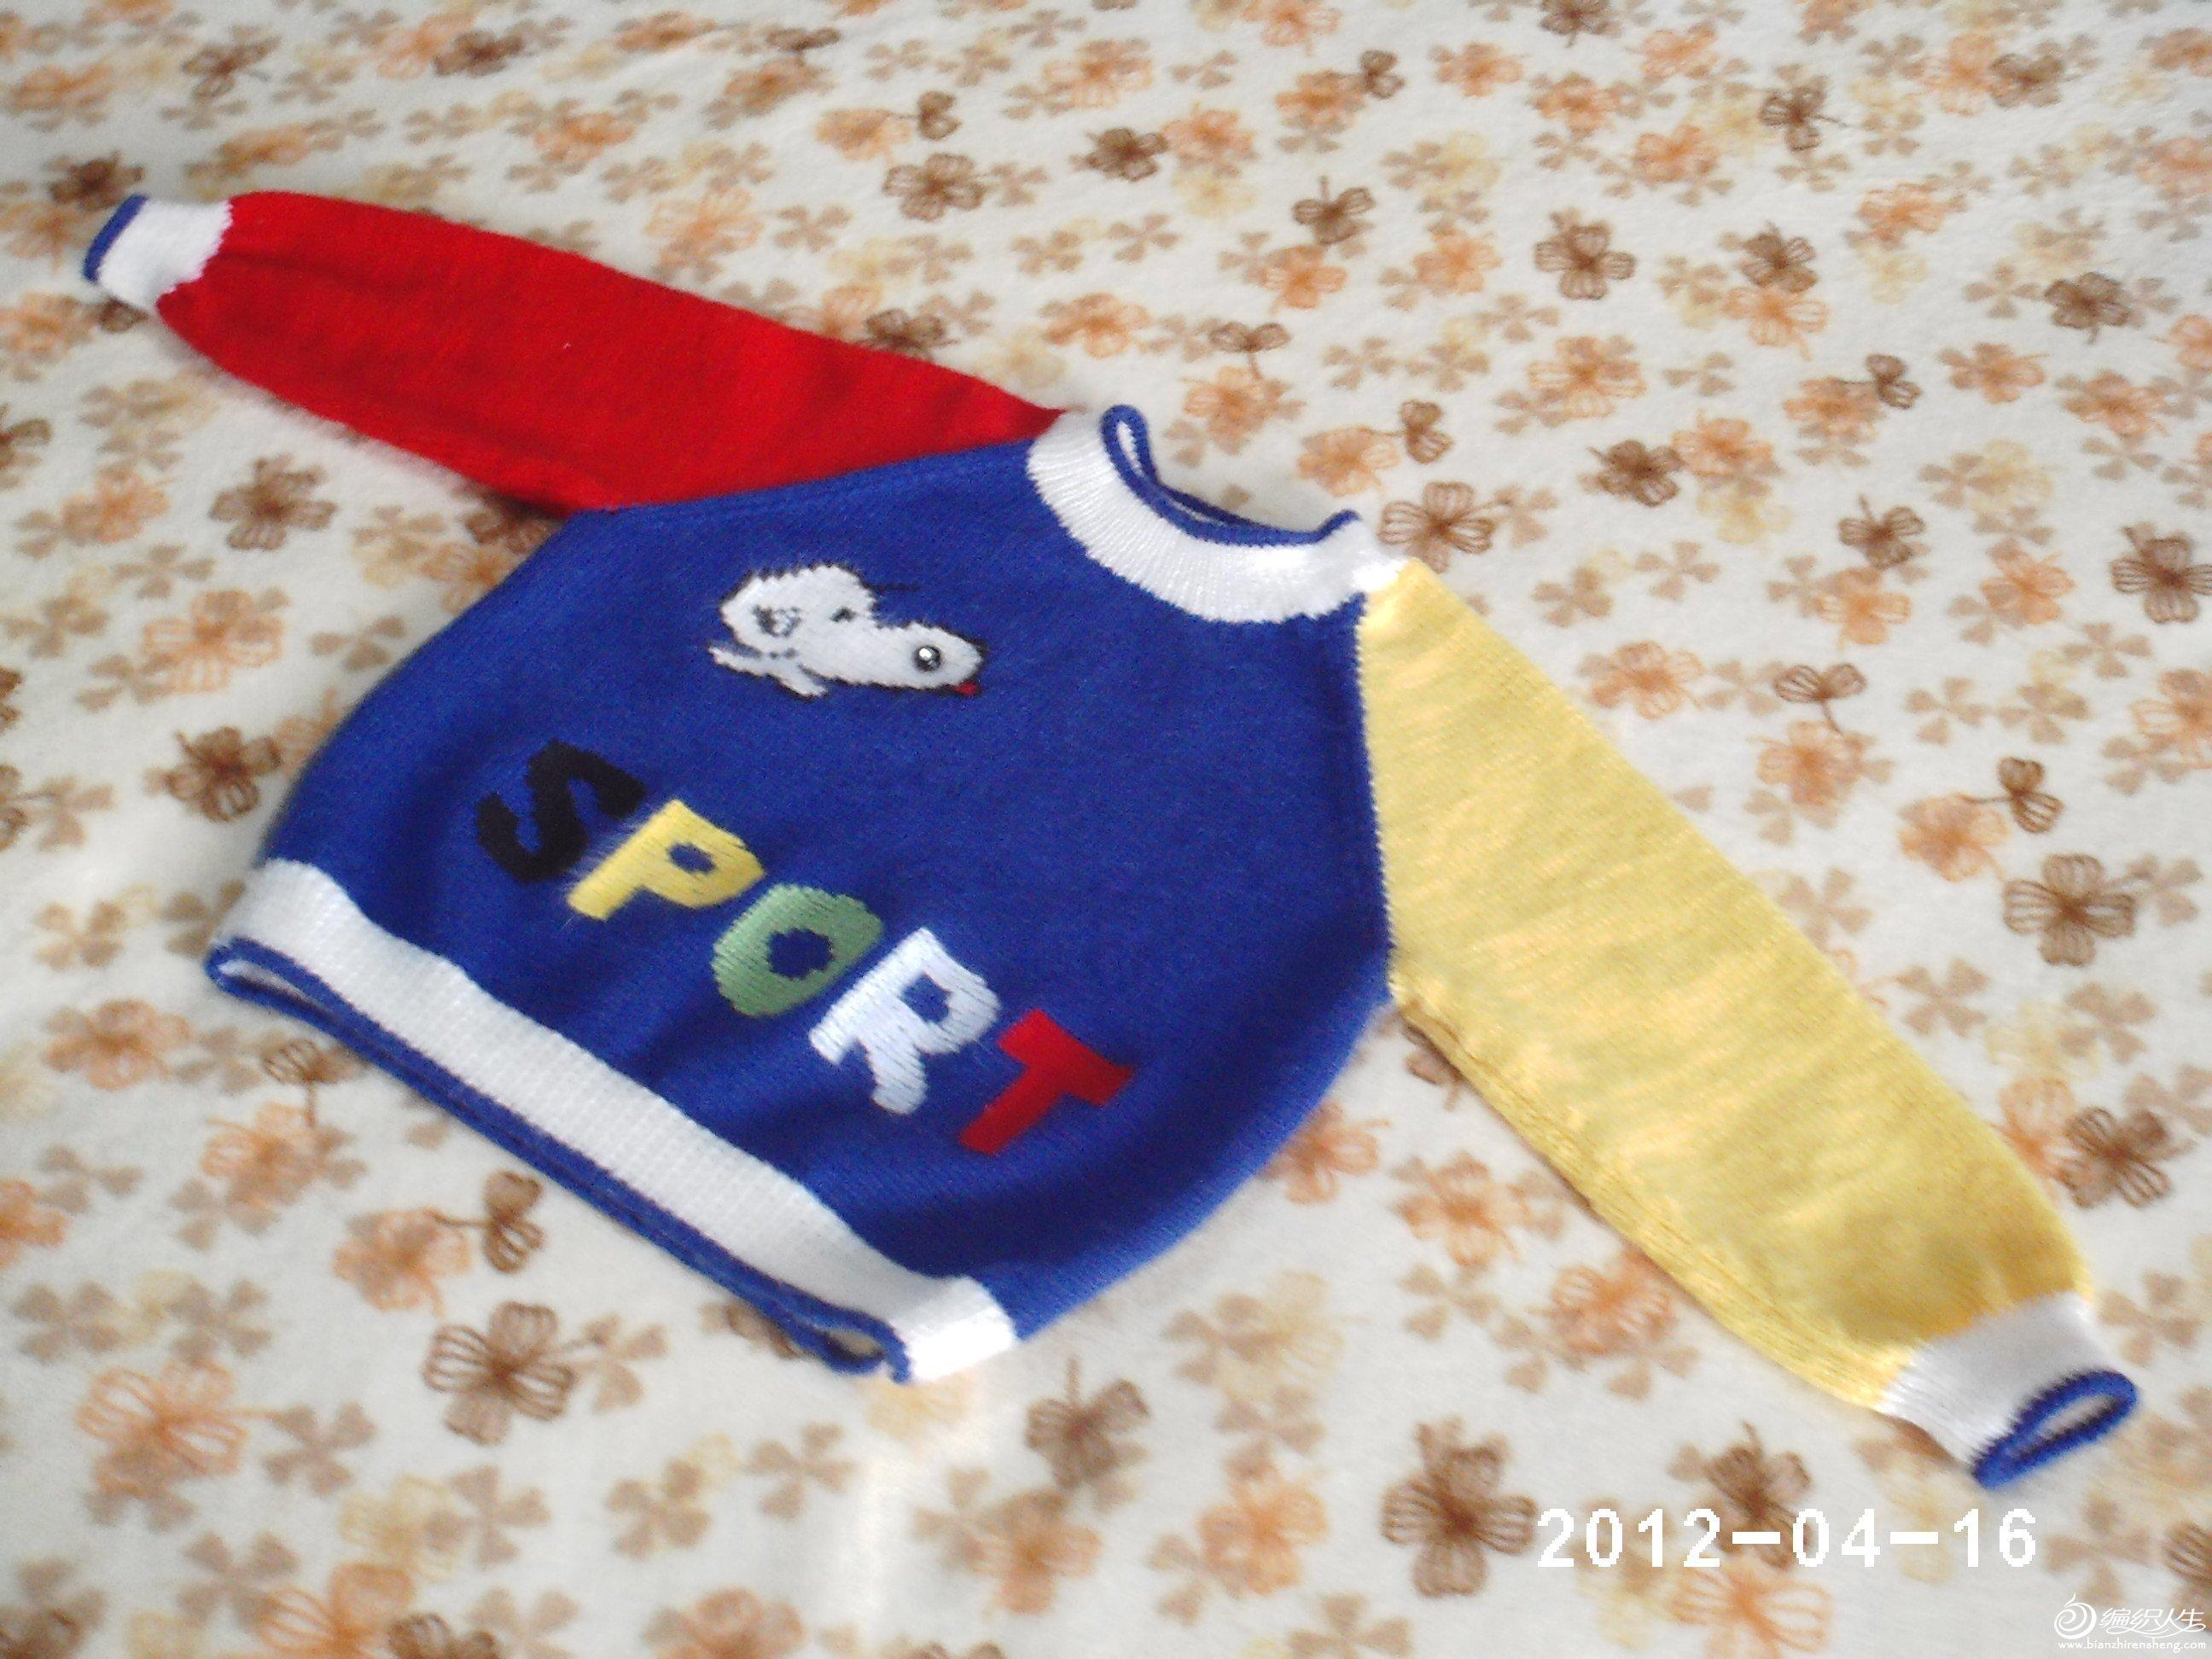 PHTO0108.JPG